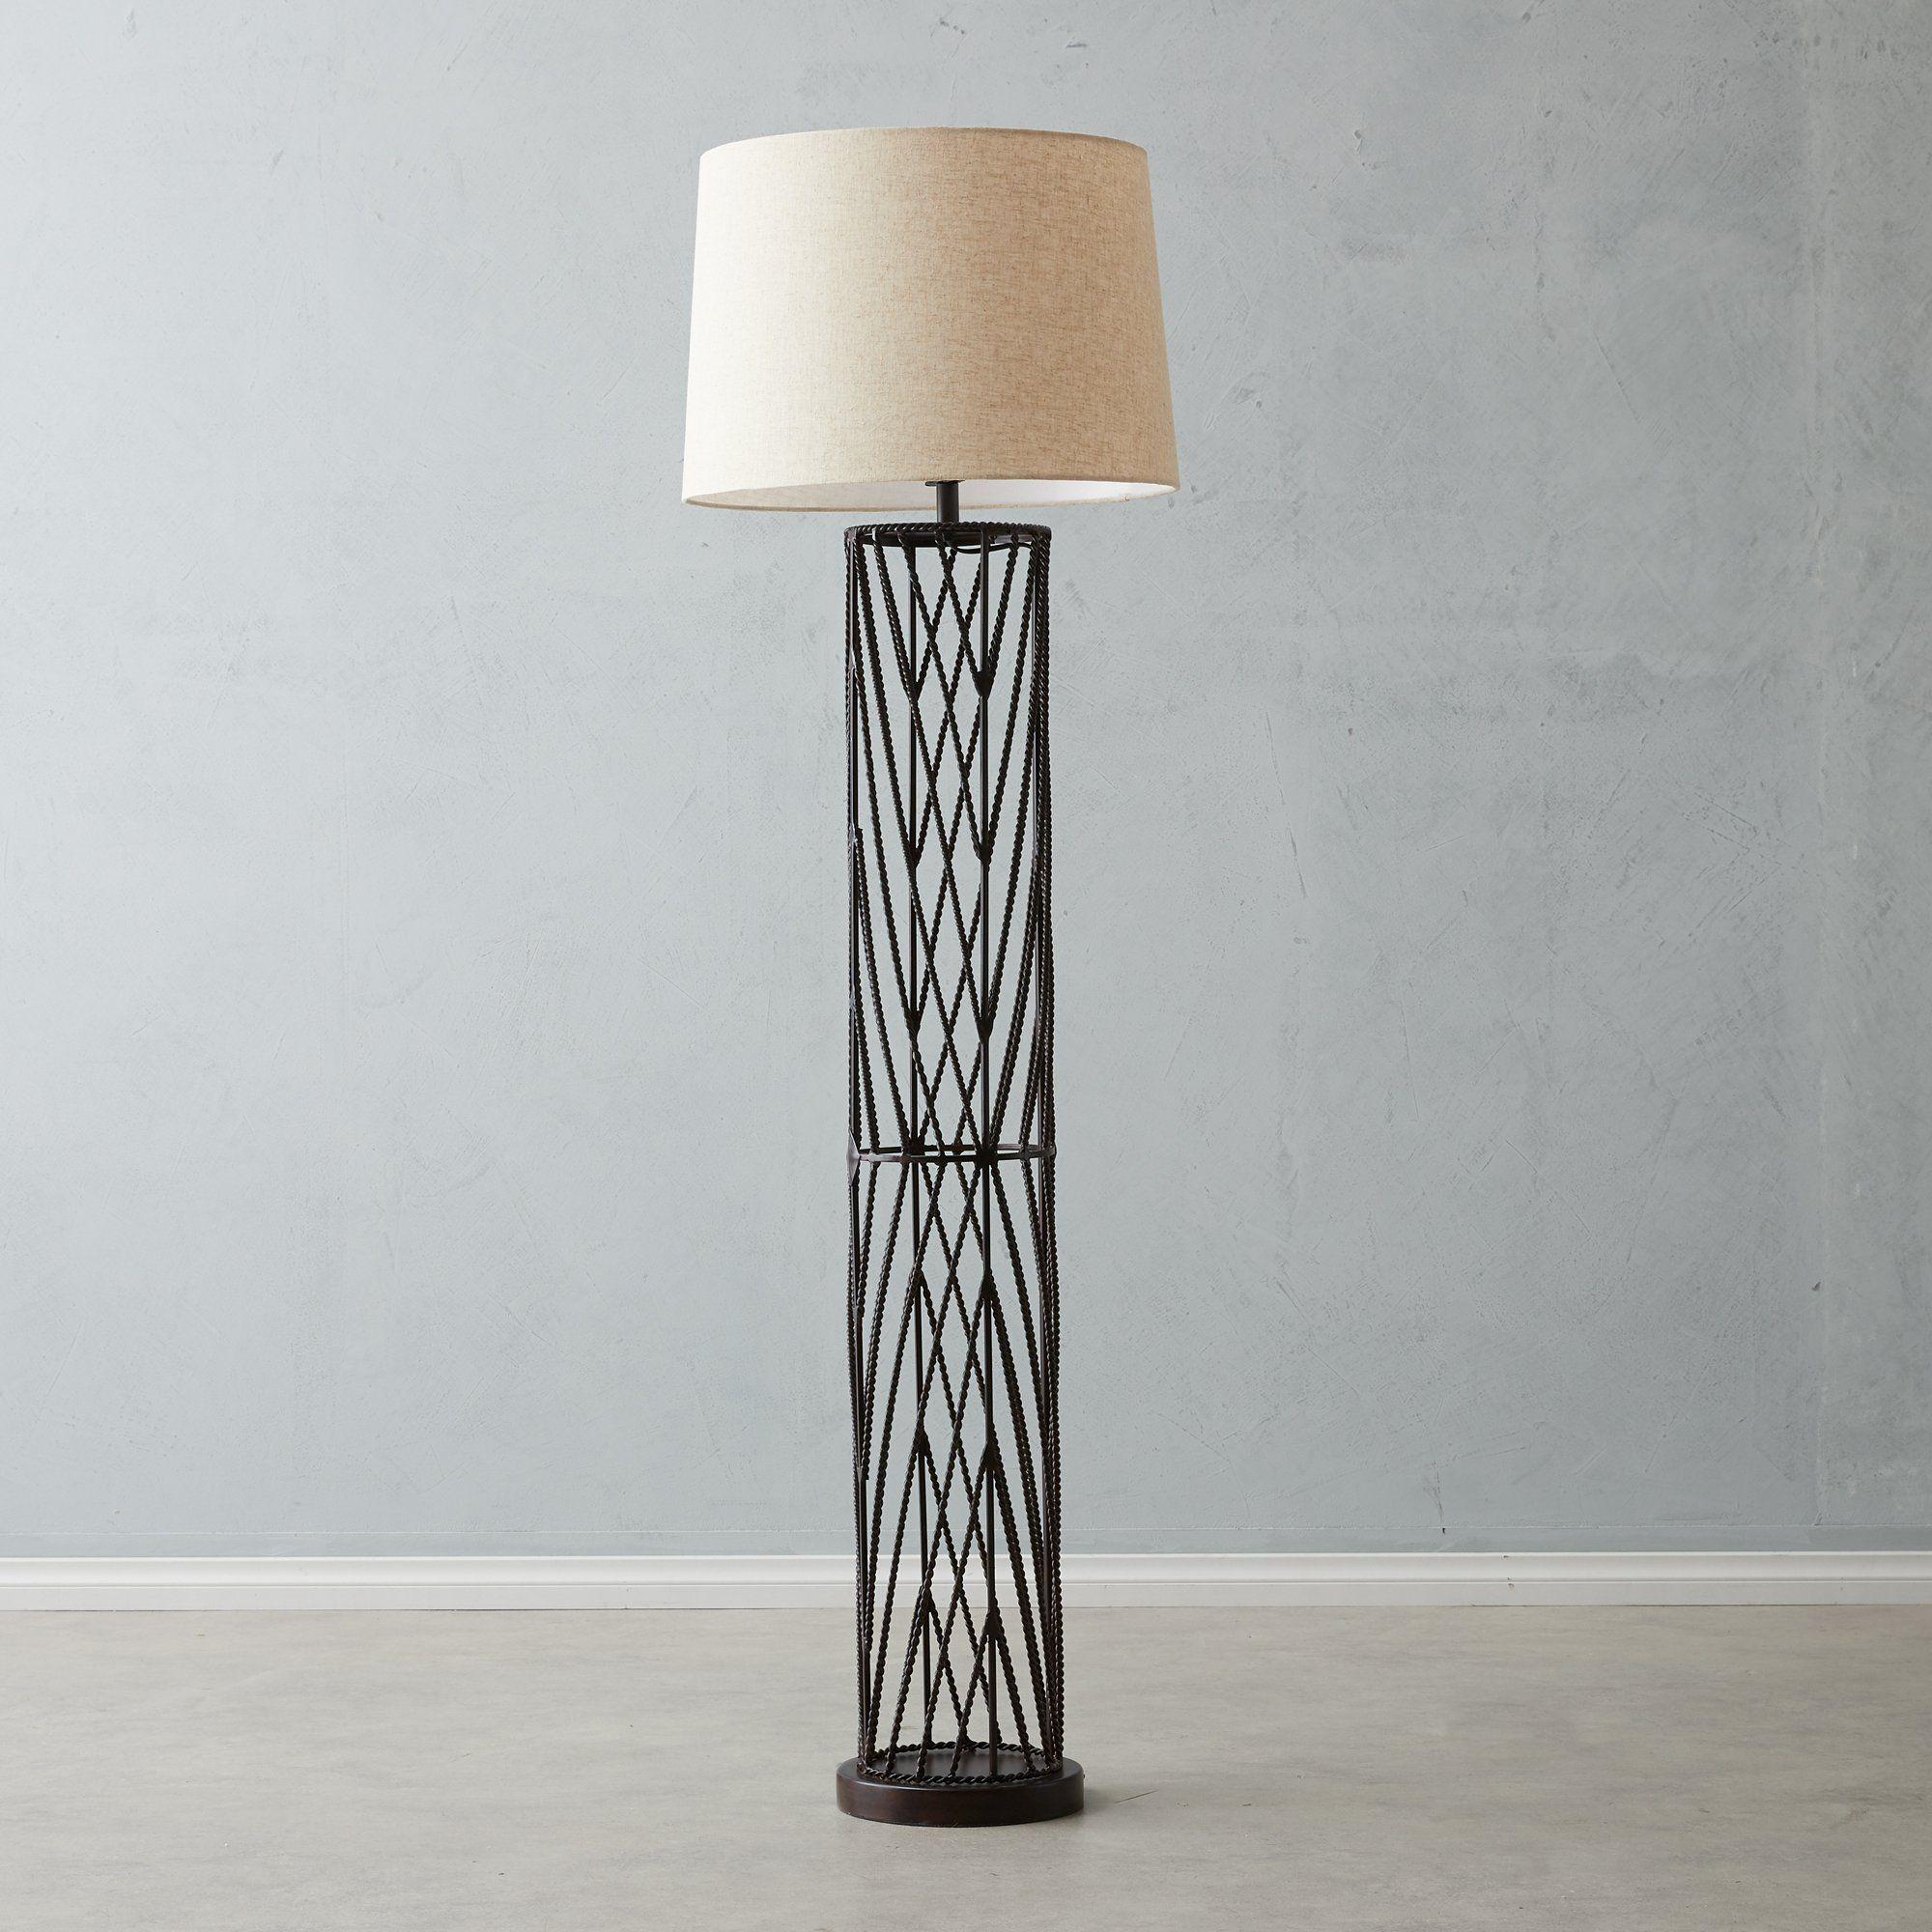 Tidal Floor lamp